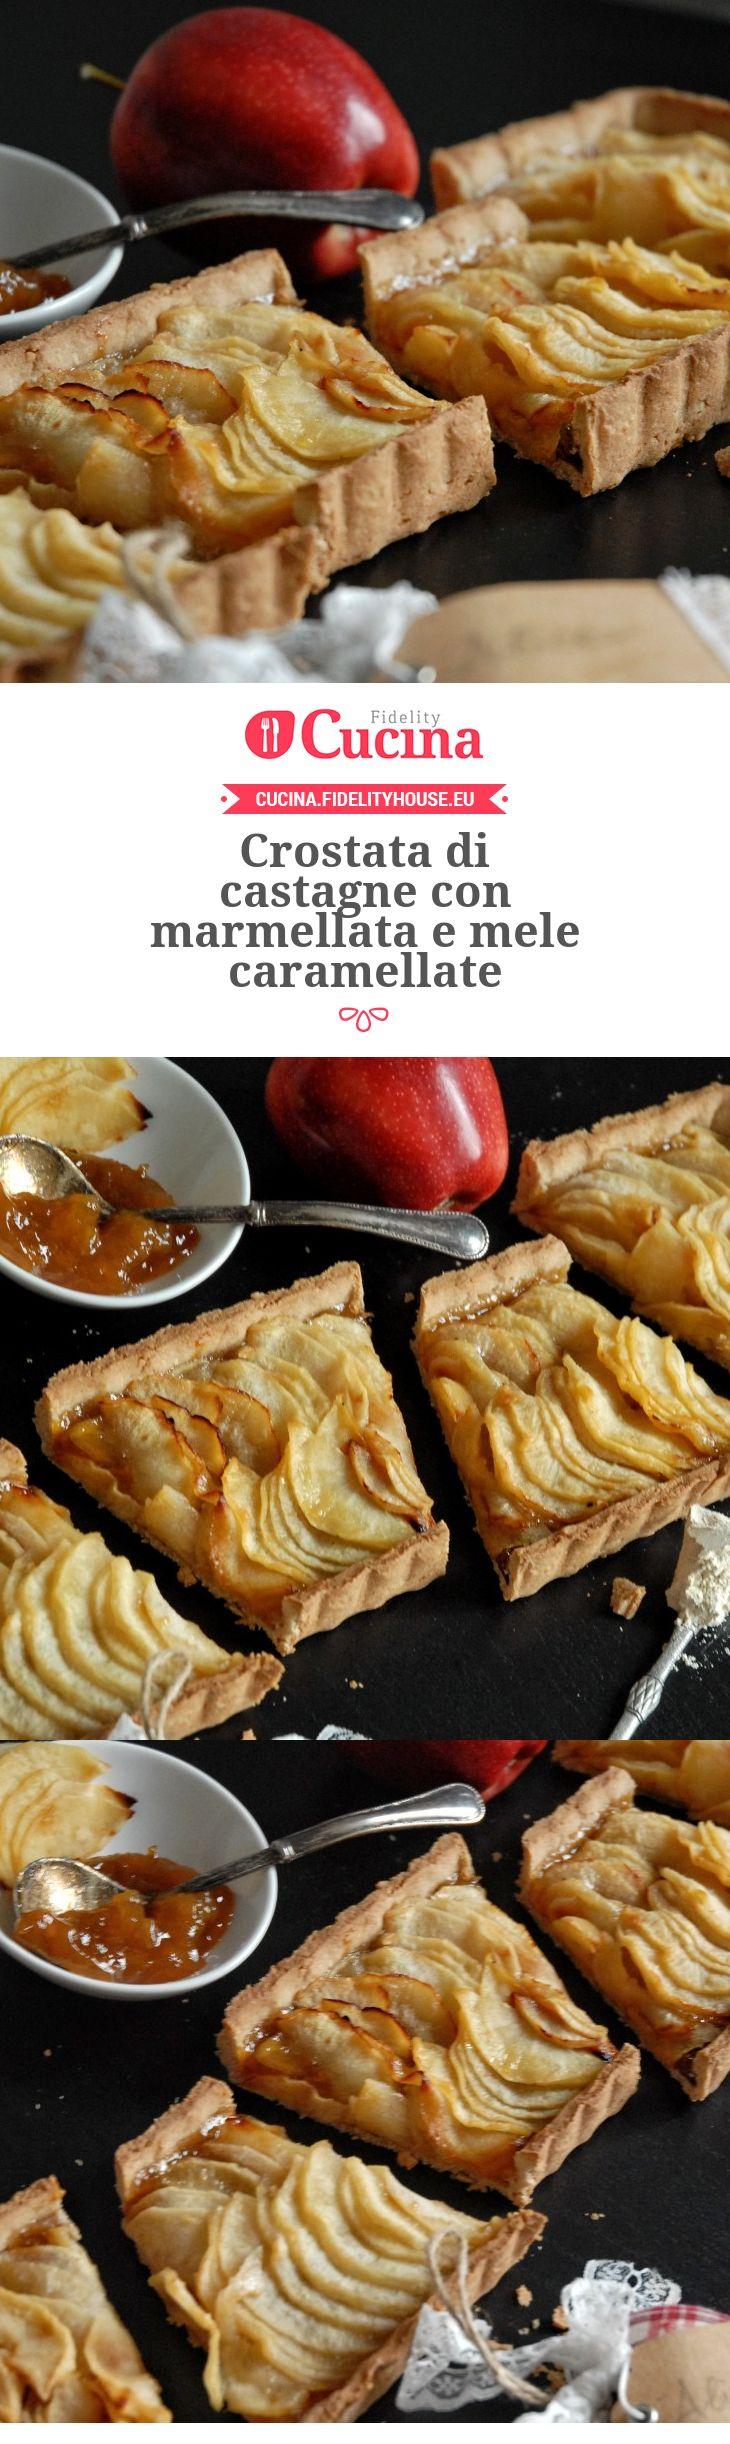 Crostata di castagne con marmellata e mele caramellate della nostra utente Alice. Unisciti alla nostra Community ed invia le tue ricette!